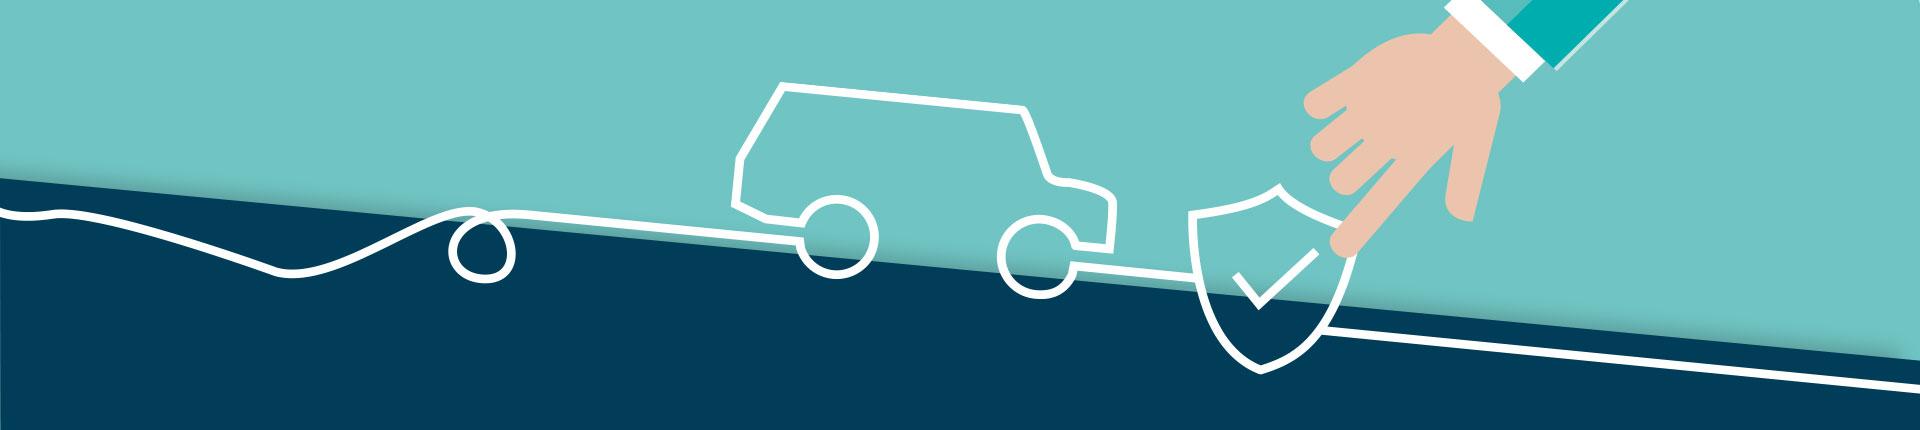 Autohaus-Max-Schultz-Mercedes-Smart-Neuwagen-Finanzdienste-Versicherung-Teilkasko-Vollkasko-Haftpflicht